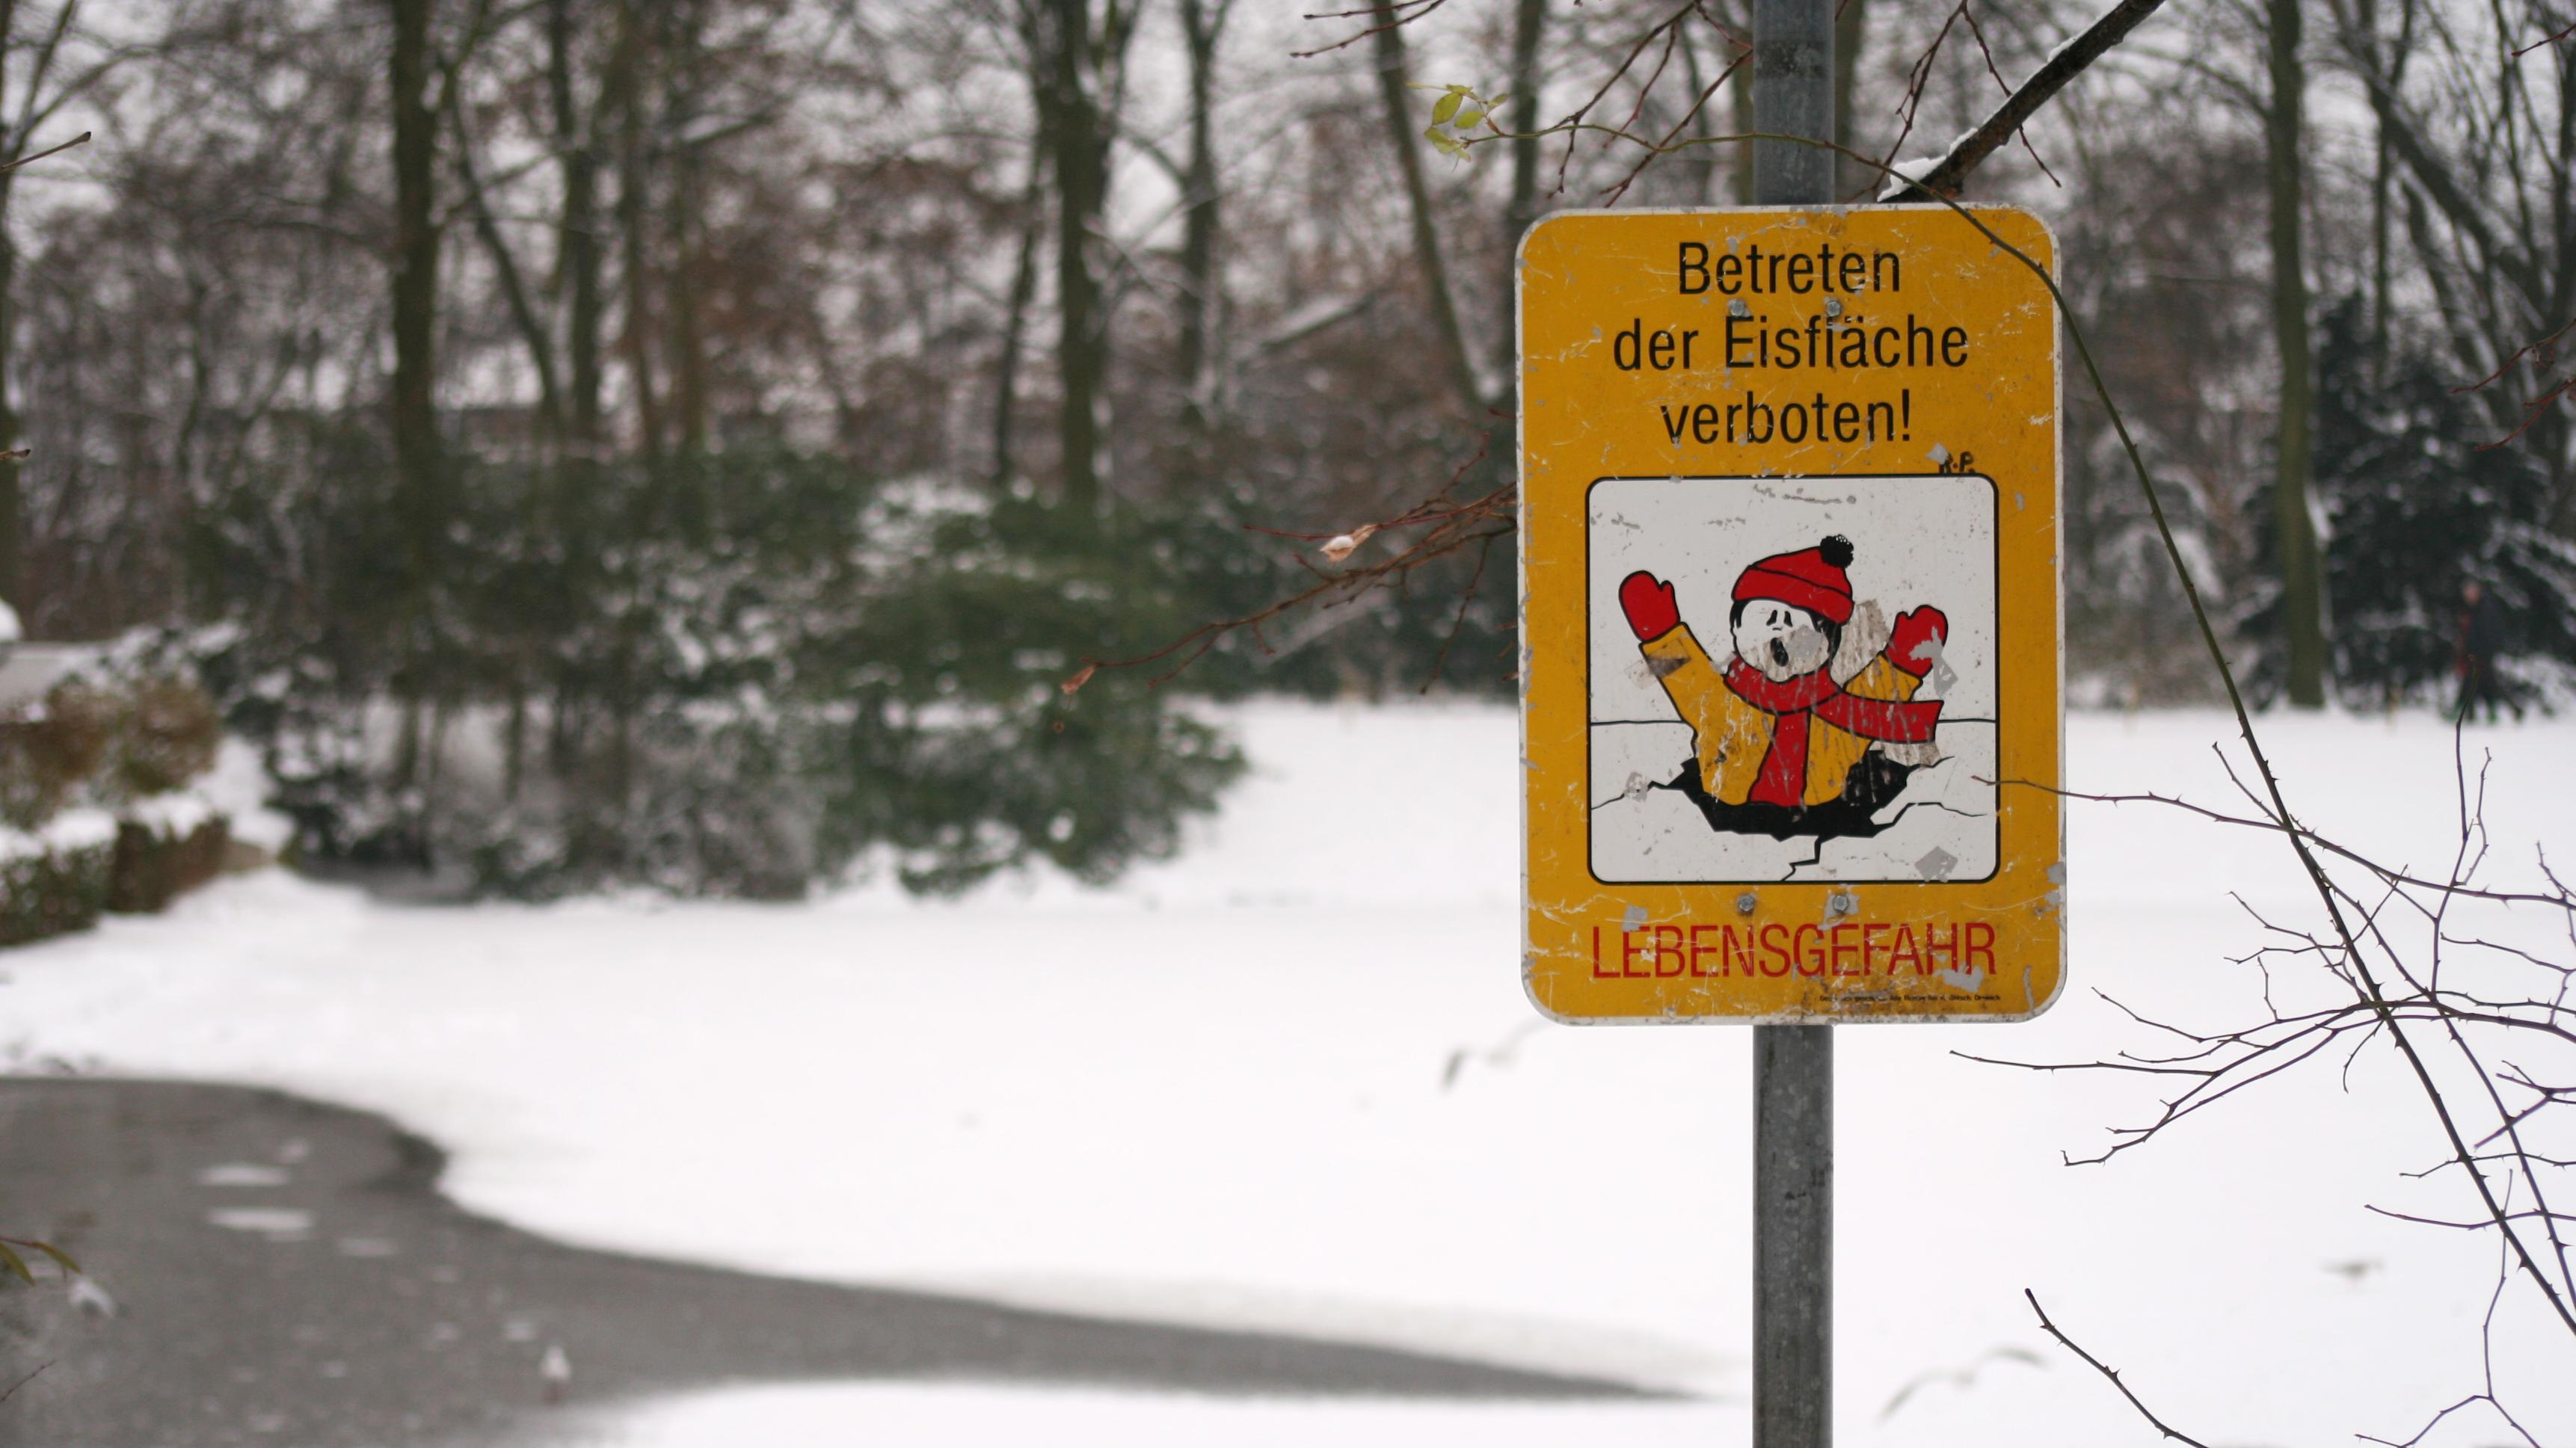 Ein Schild warnt an einem kleinen See vor dem Betreten der Eisfläche.